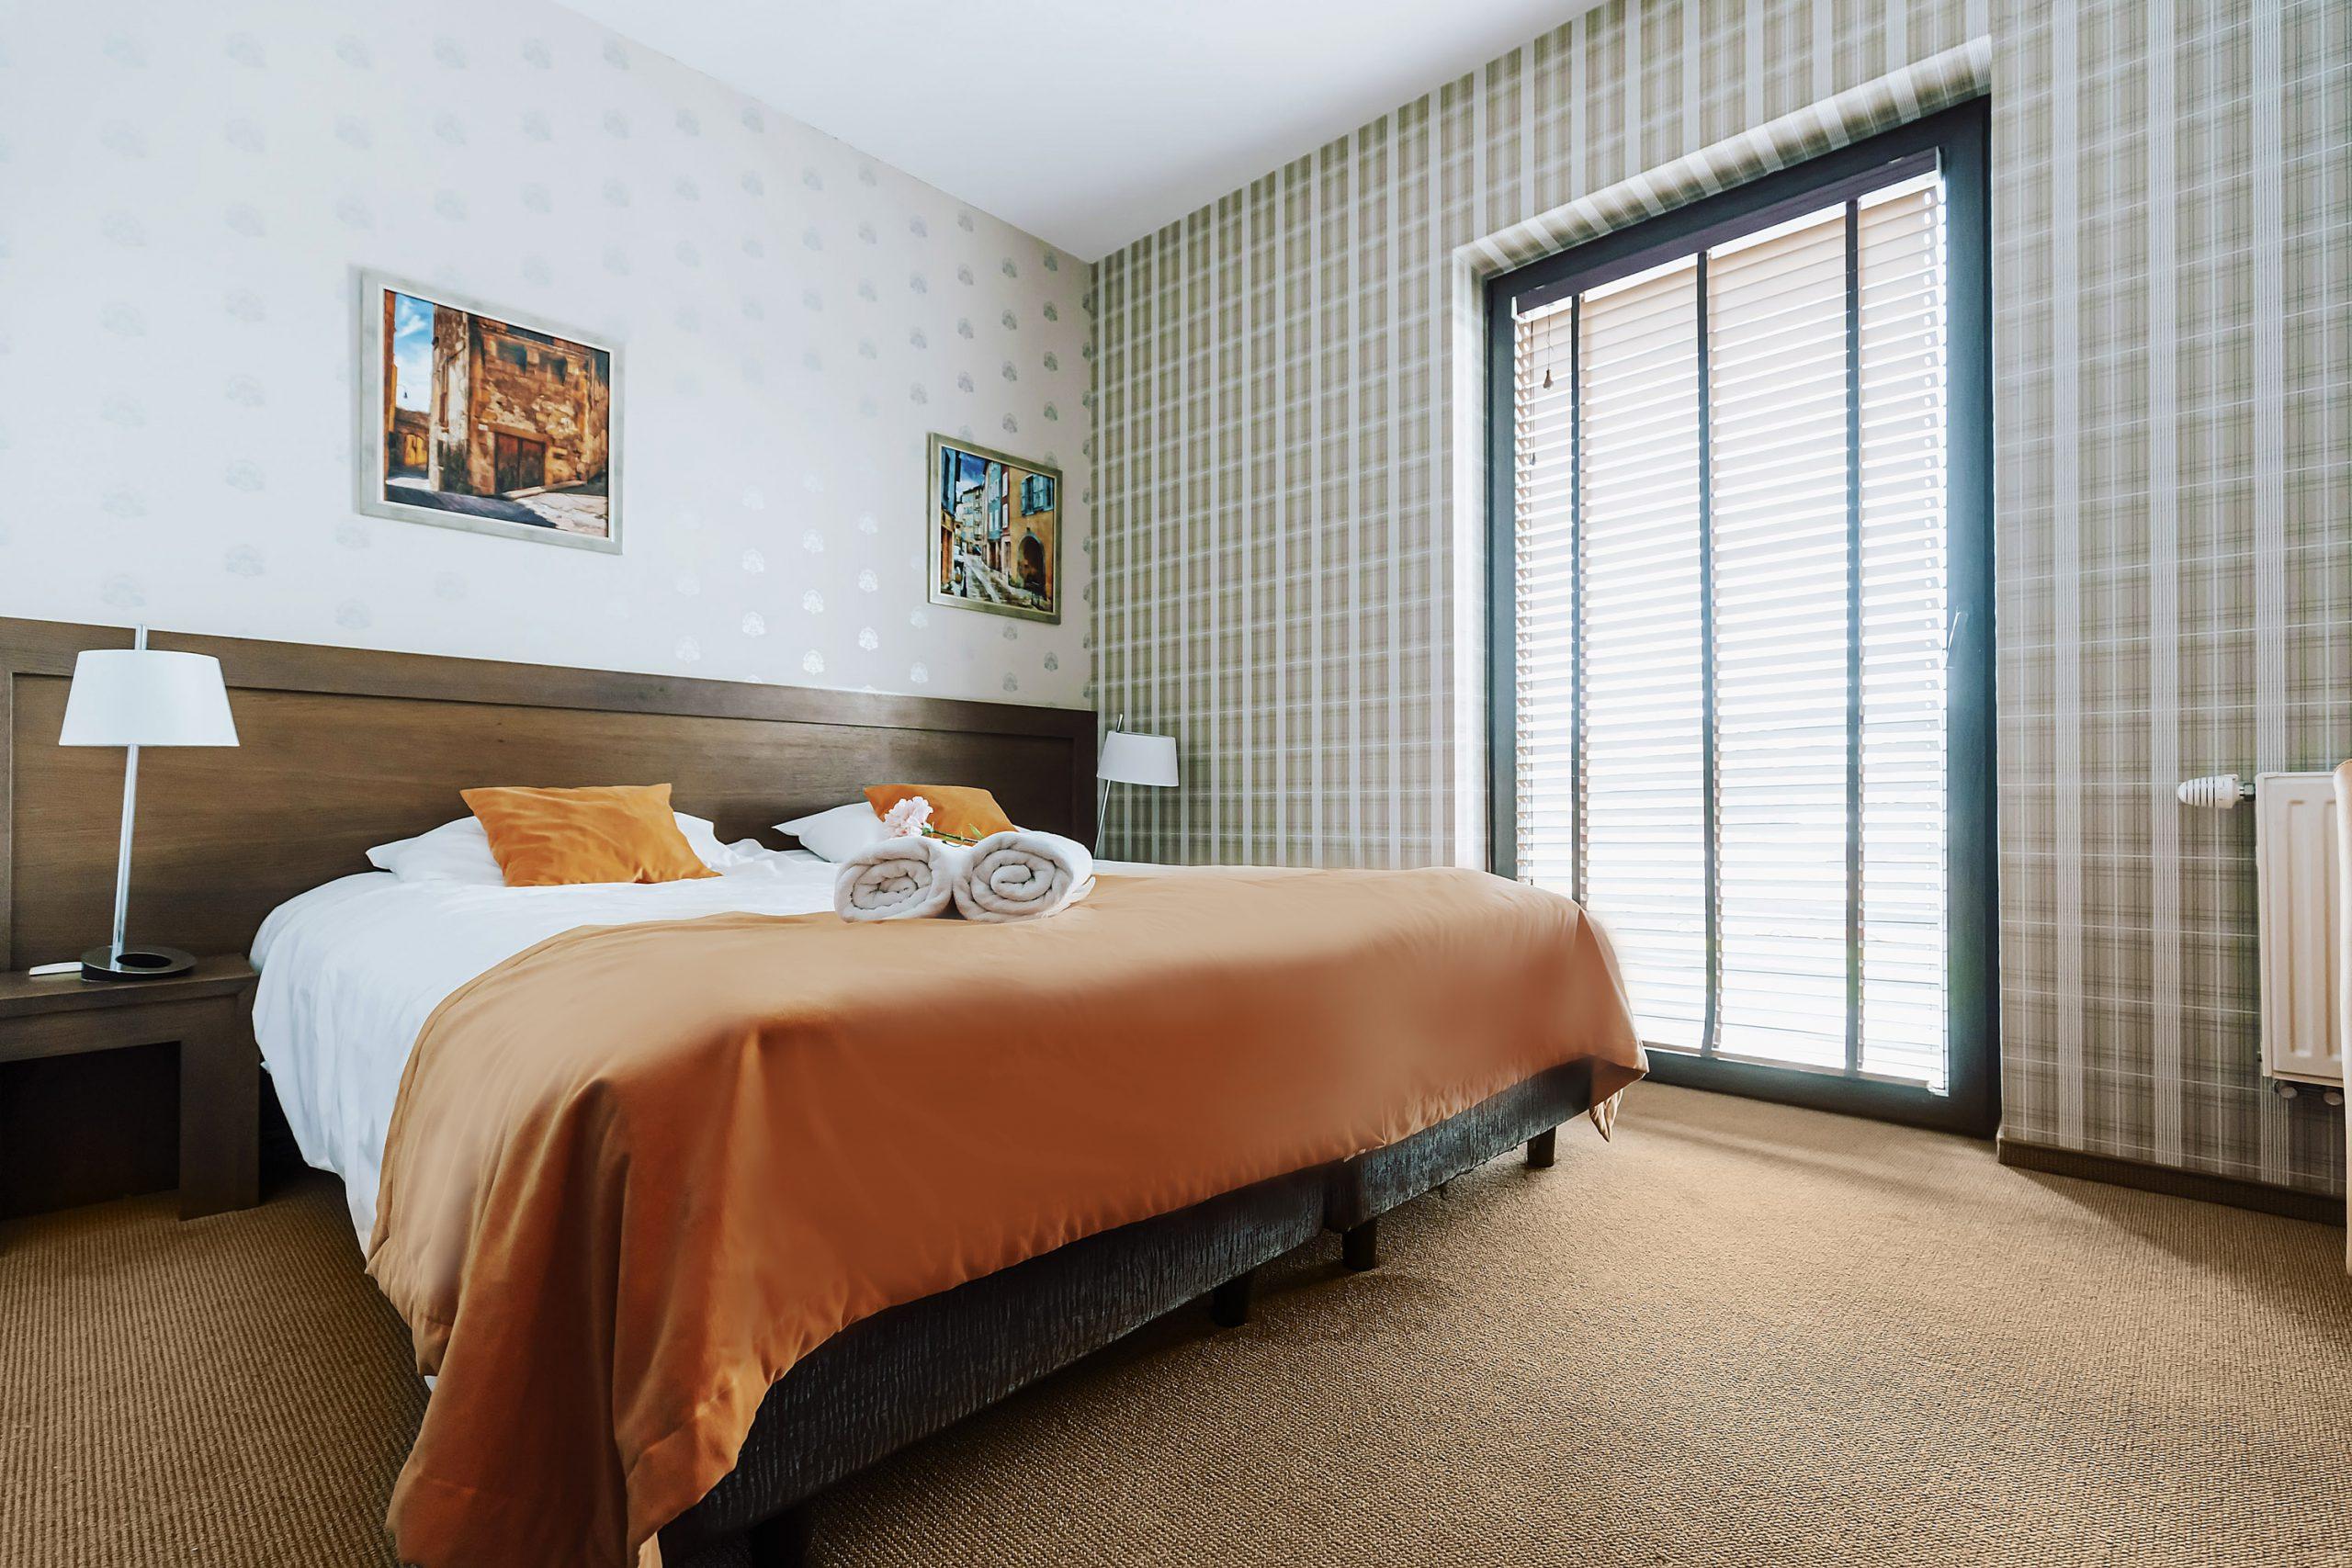 pokój hotelowe 2-osobowy